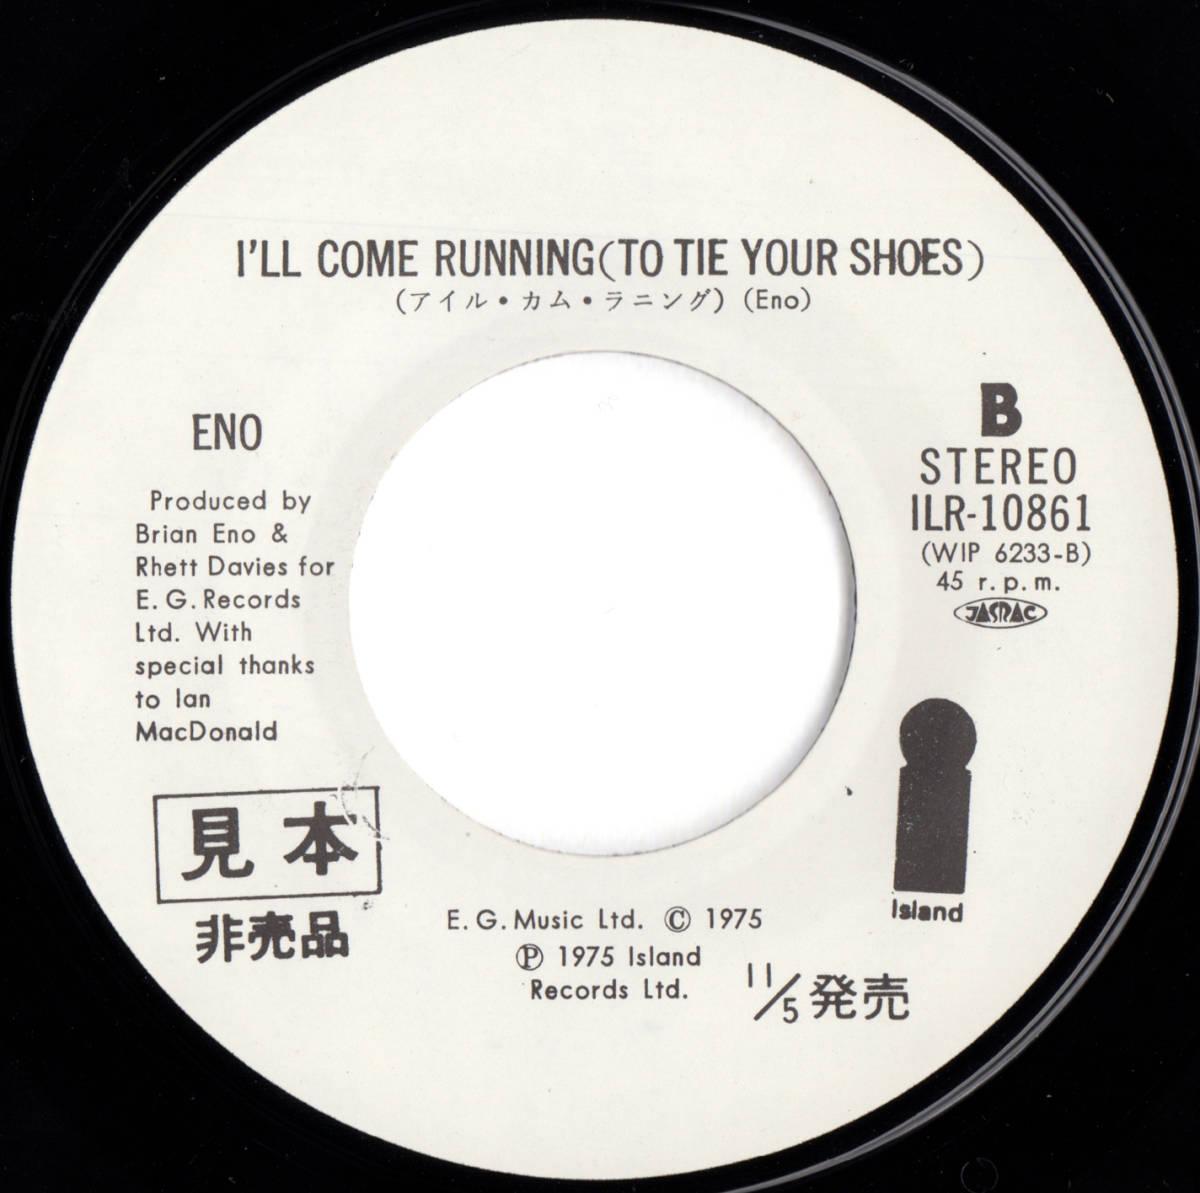 """【7"""" 国内盤】 ブライアン・イーノ BRIAN ENO ライオンはねている 白ラベル '75 ブリティッシュ 7inch 45 ROXY MUSIC 日本盤_画像4"""